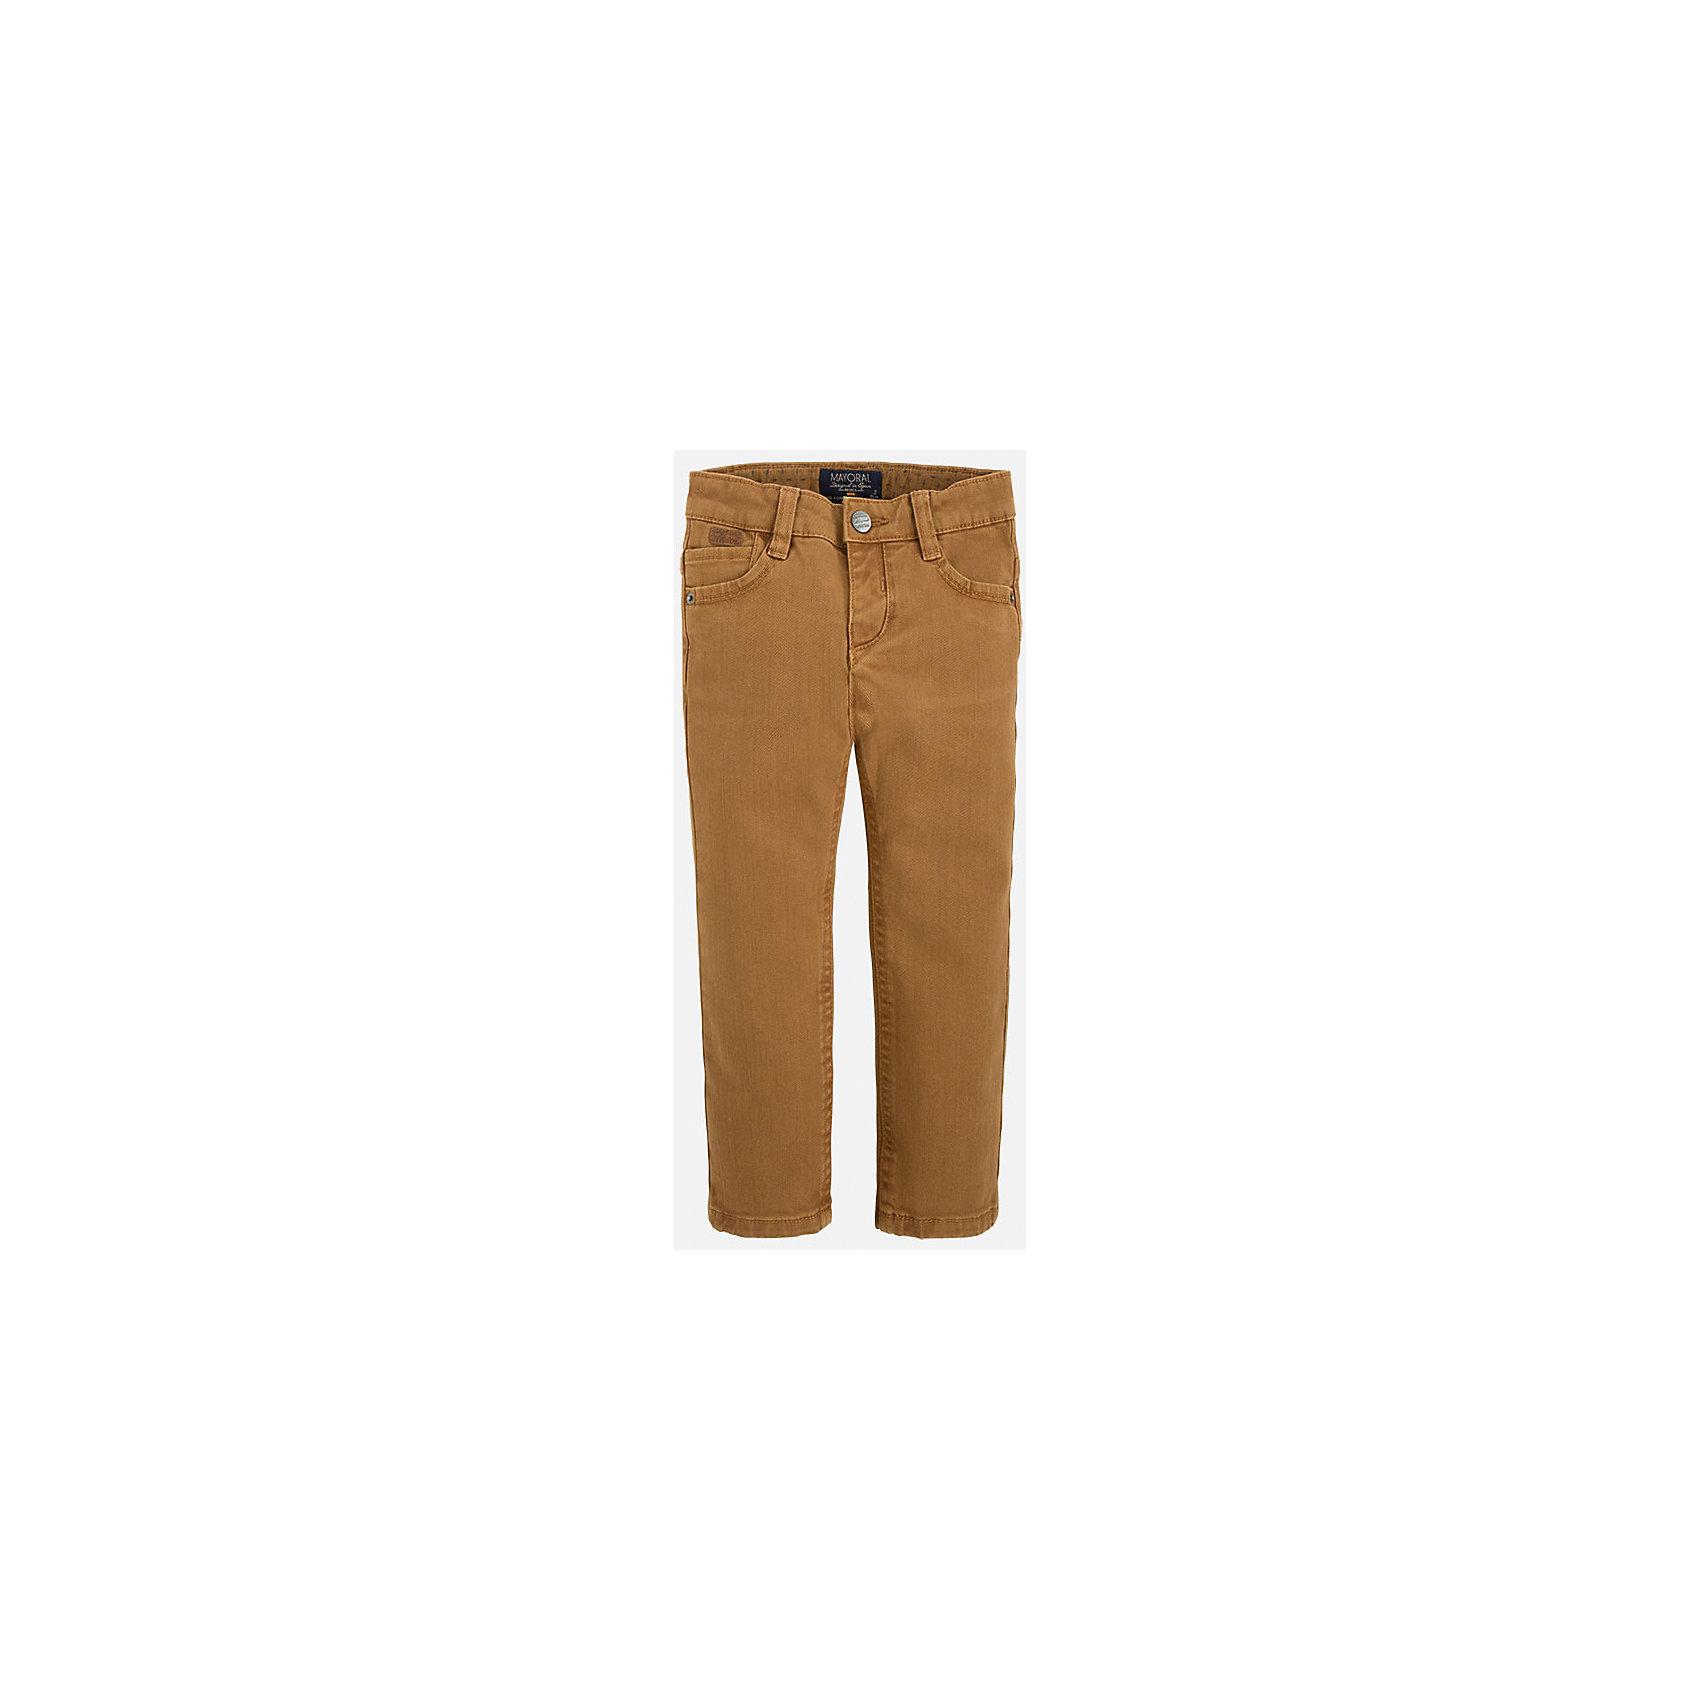 Брюки для мальчика MayoralБрюки<br>Стильные брюки для мальчика кофейного цвета.<br>У брюк классическая посадка, удобный крой и приятная хлопковая ткань.<br><br>Дополнительная информация:<br><br>- Крой: прямой крой.<br>- Страна бренда: Испания.<br>- Состав: хлопок 98%, эластан 2%.<br>- Цвет: кофейный.<br>- Уход: бережная стирка при 30 градусах.<br><br>Купить брюки для мальчика Mayoral можно в нашем магазине.<br><br>Ширина мм: 215<br>Глубина мм: 88<br>Высота мм: 191<br>Вес г: 336<br>Цвет: бежевый<br>Возраст от месяцев: 108<br>Возраст до месяцев: 120<br>Пол: Мужской<br>Возраст: Детский<br>Размер: 110,98,92,104,134,116,122,128<br>SKU: 4826447